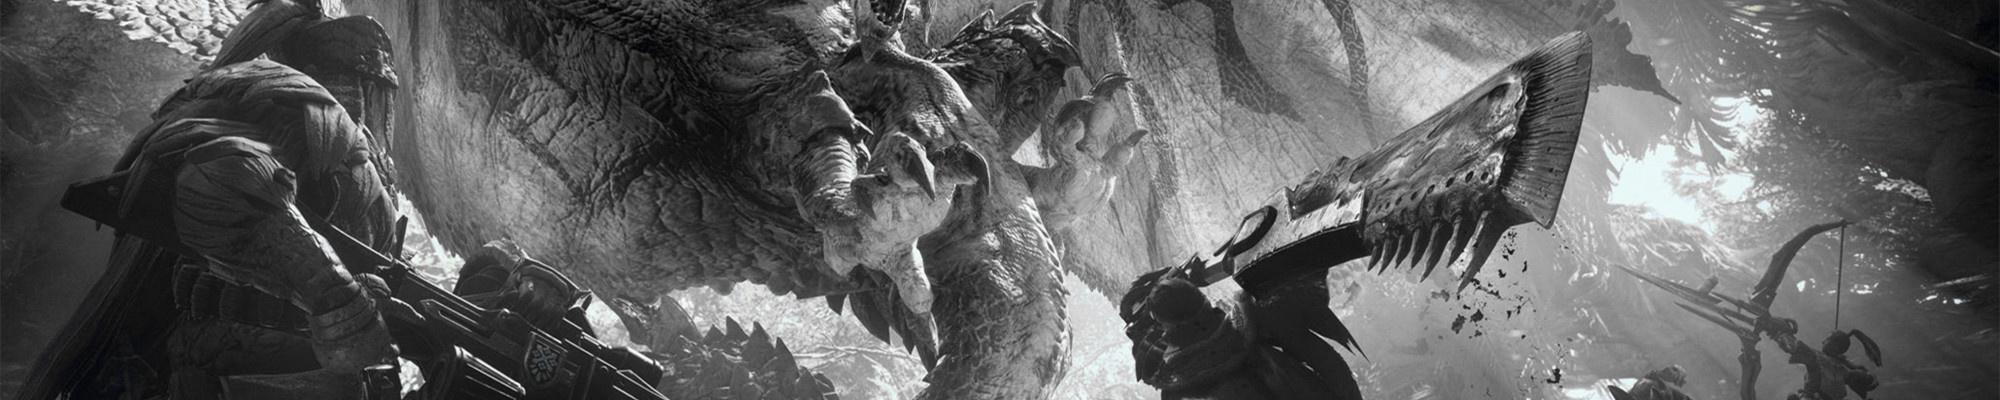 WeGame《怪物猎人:世界》最终退款期限已经截止,好评率攀升至96%